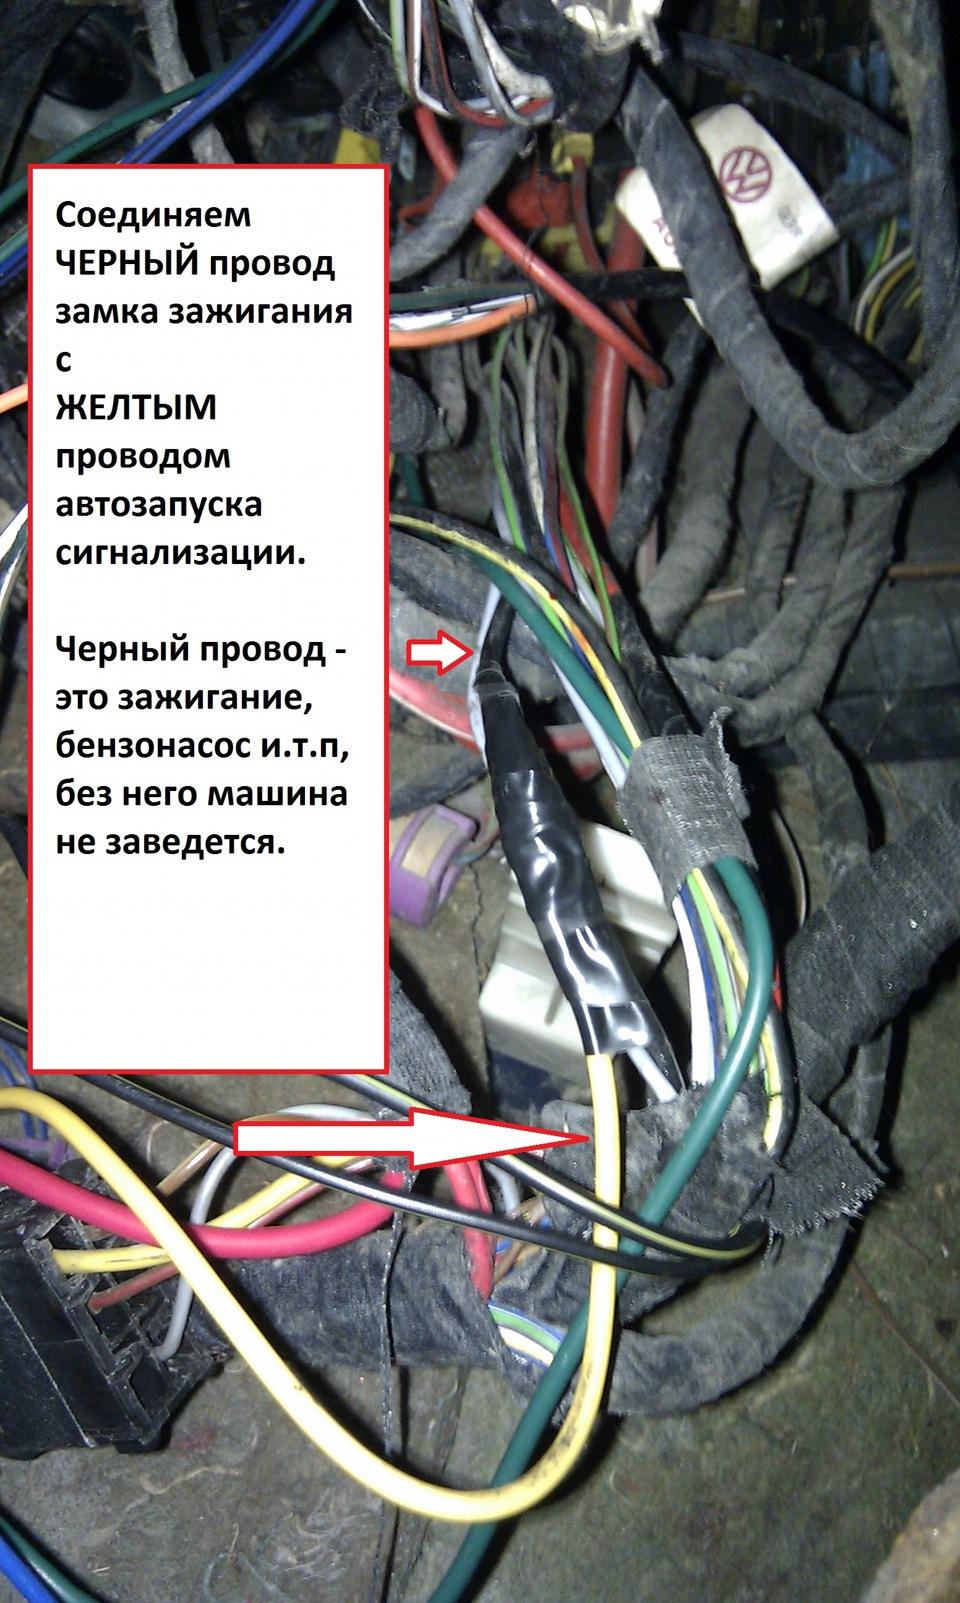 Черный цвет провода это плюс